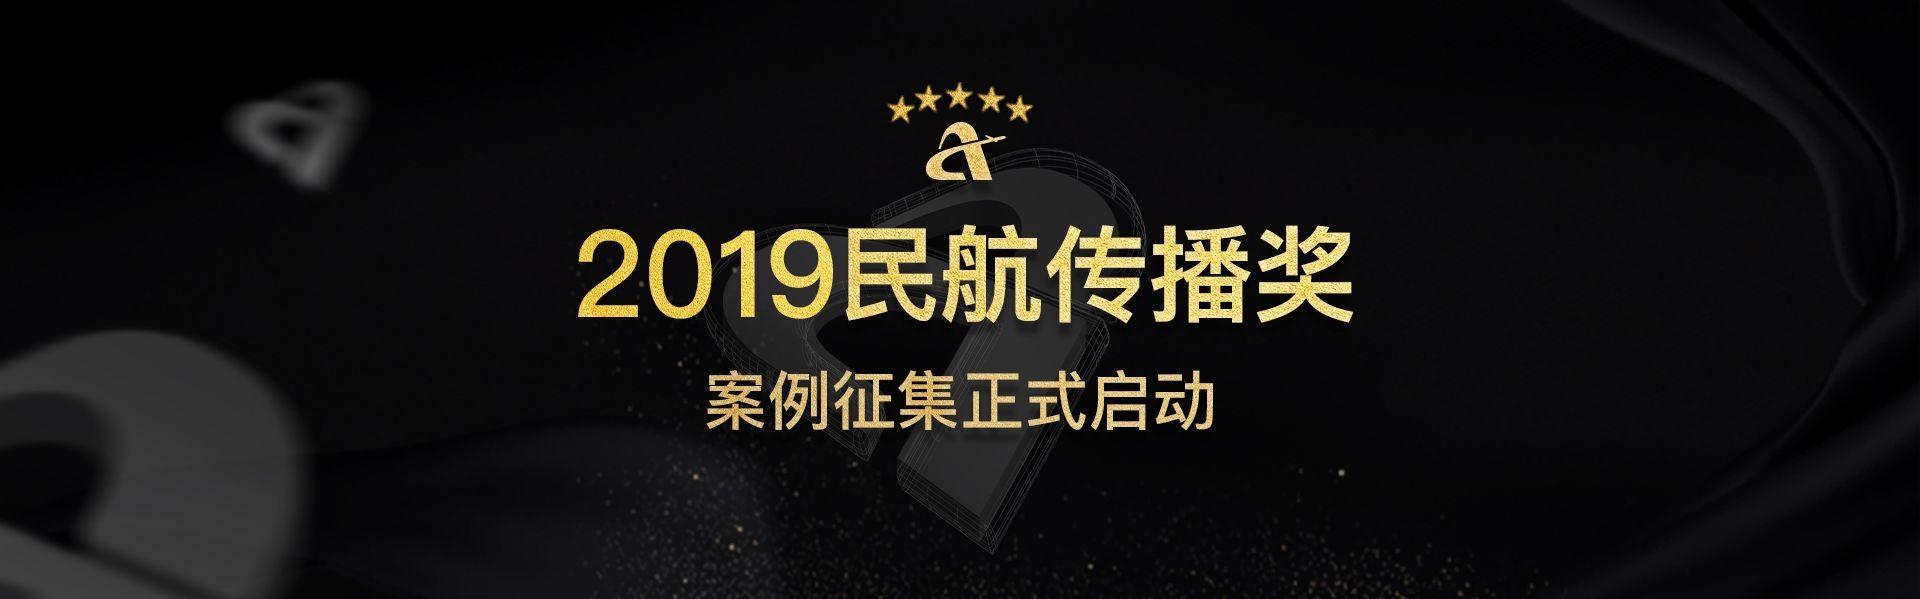 2019年民航传播奖正式启动案例征集